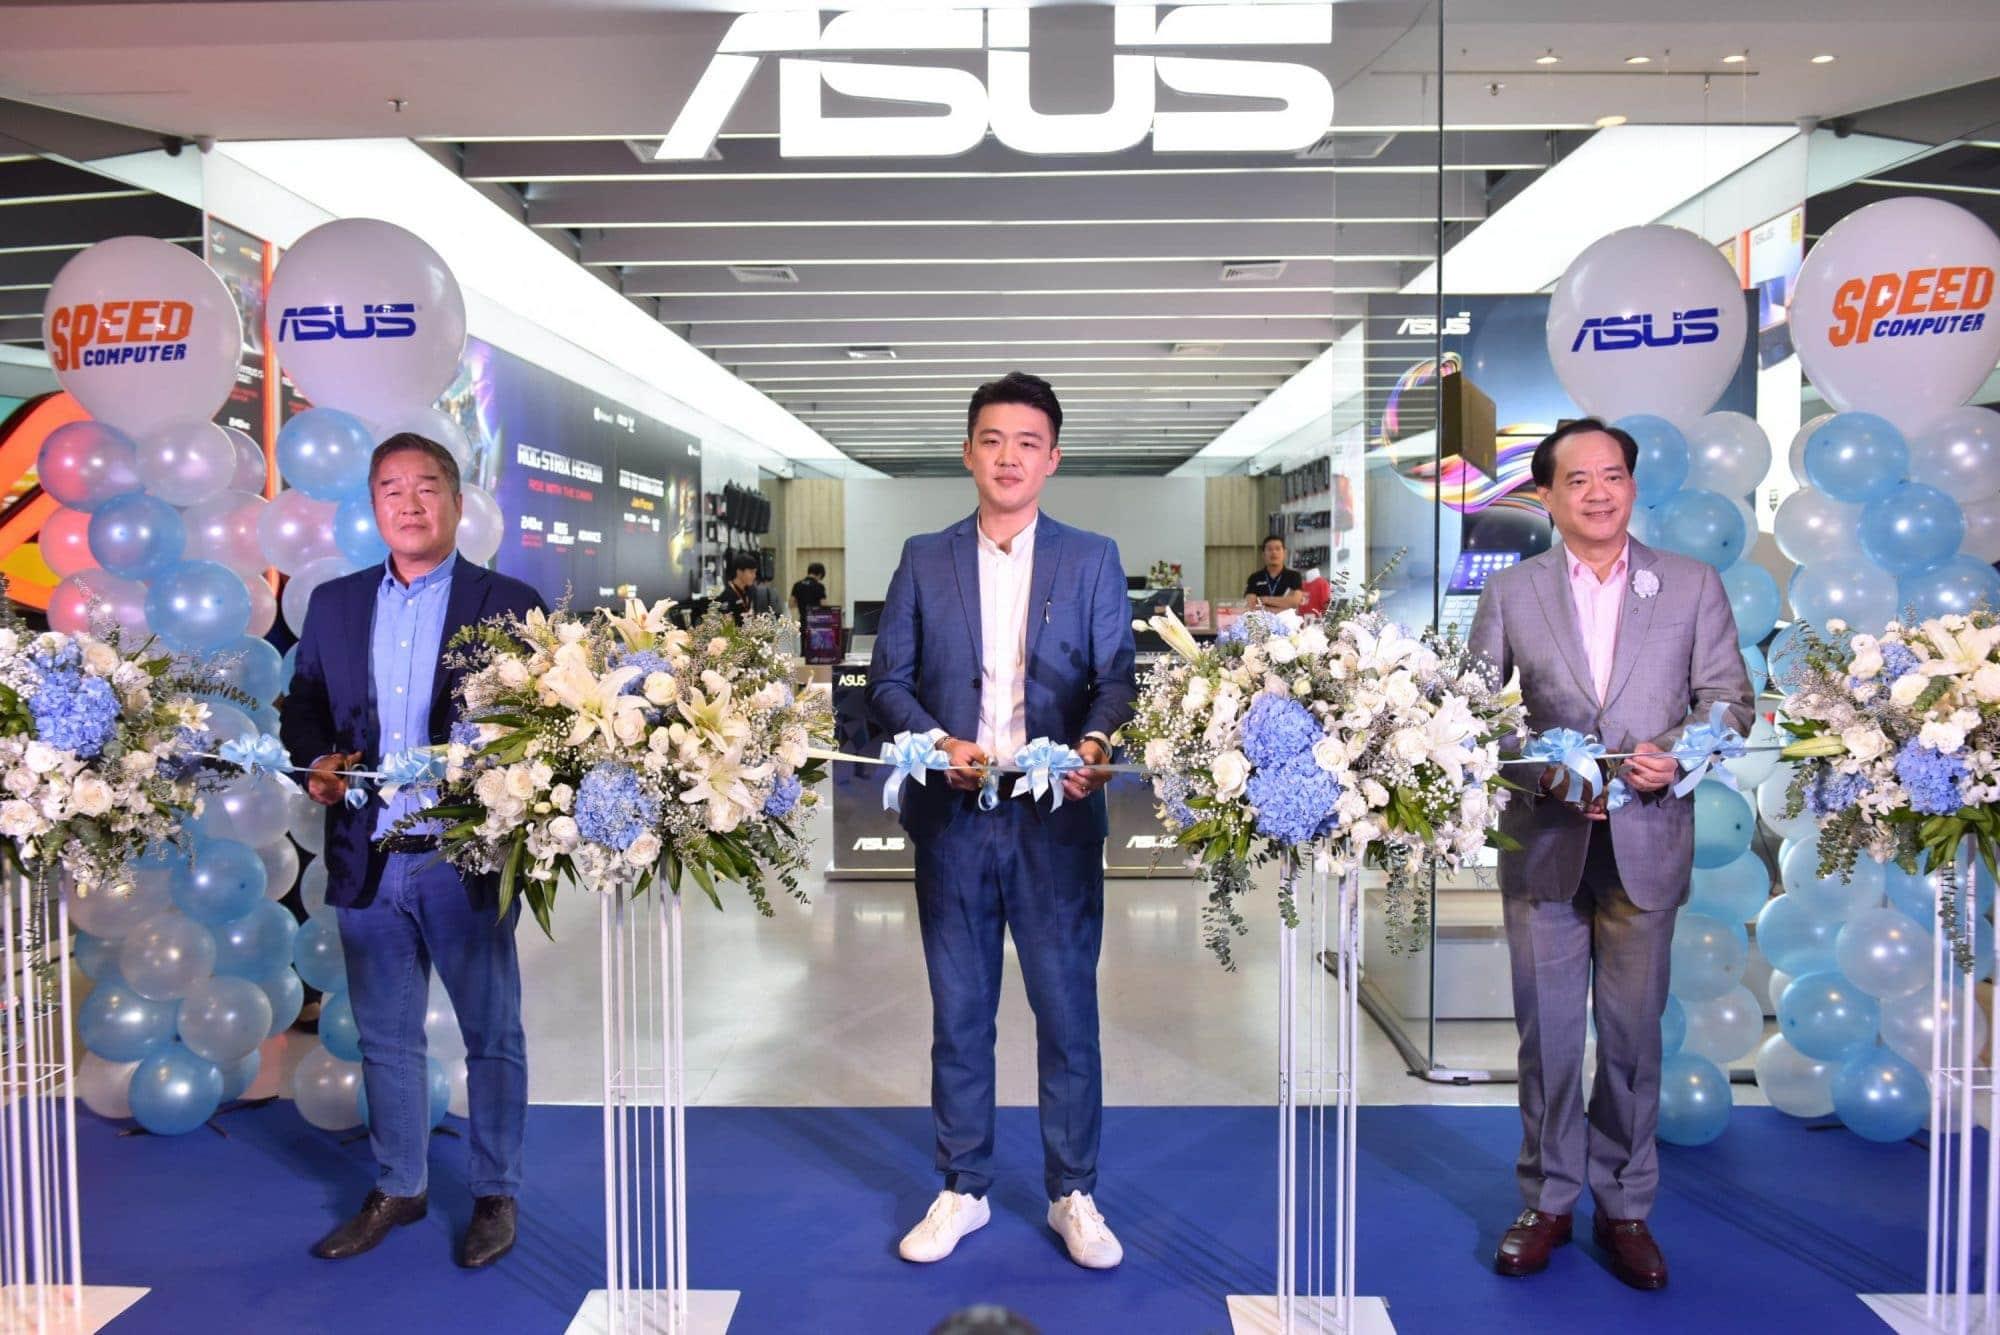 เปิดแล้ว Asus Store แห่งแรกในไทยที่เซ็นทรัลเวิลด์ - เปิดแล้ว Asus Store แห่งแรกในไทยที่เซ็นทรัลเวิลด์